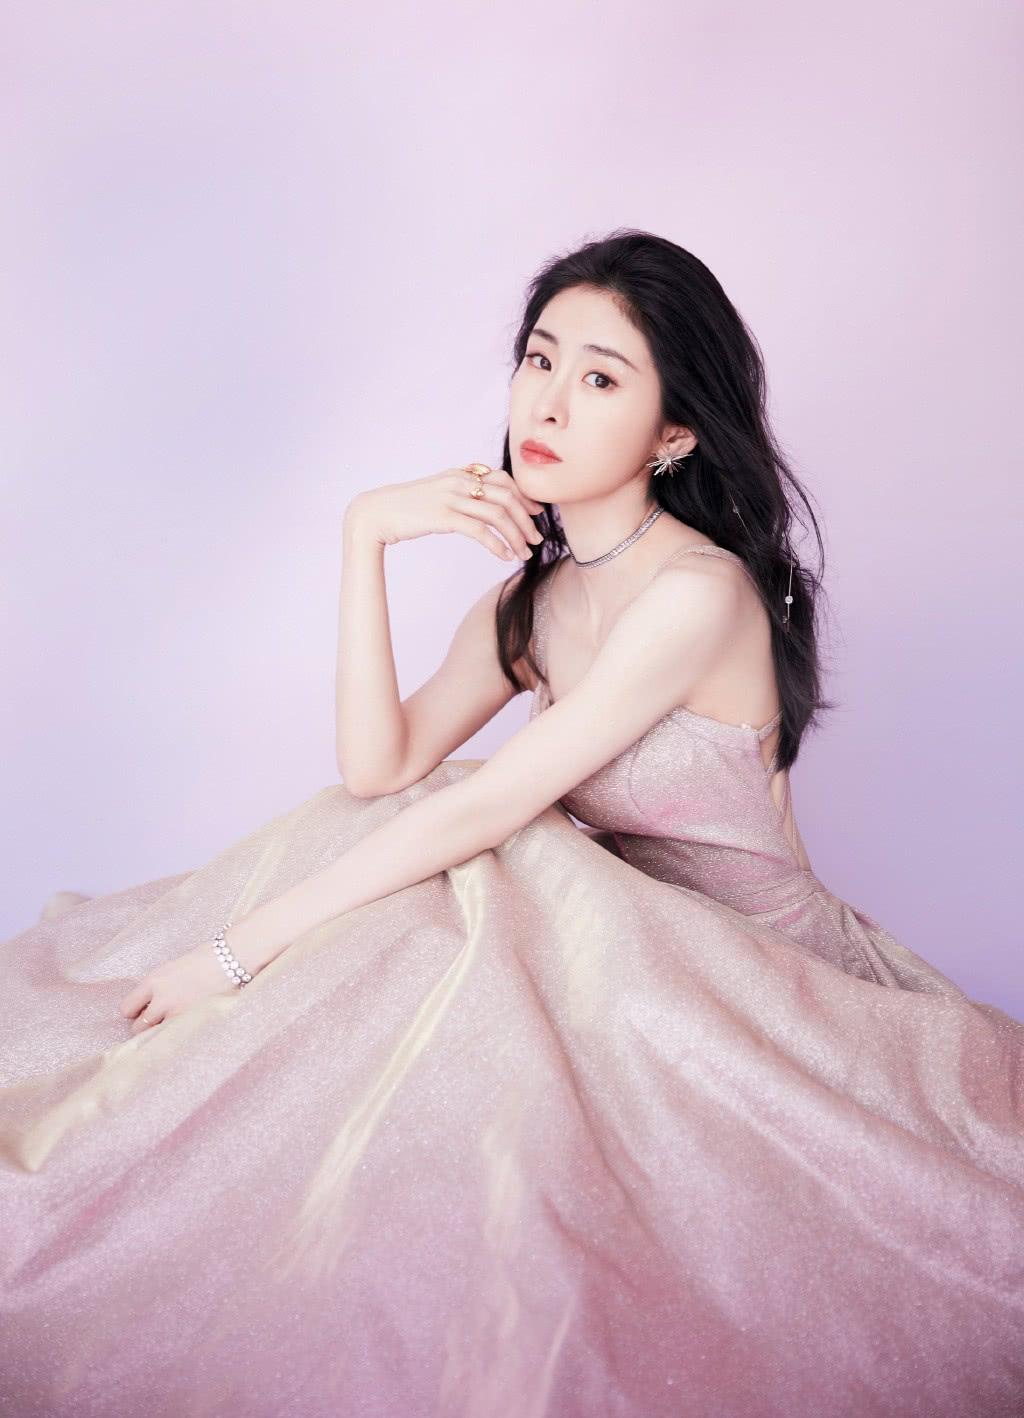 她是最出名的《好声音》冠军,一袭粉色露背裙亮相,性感不失优雅